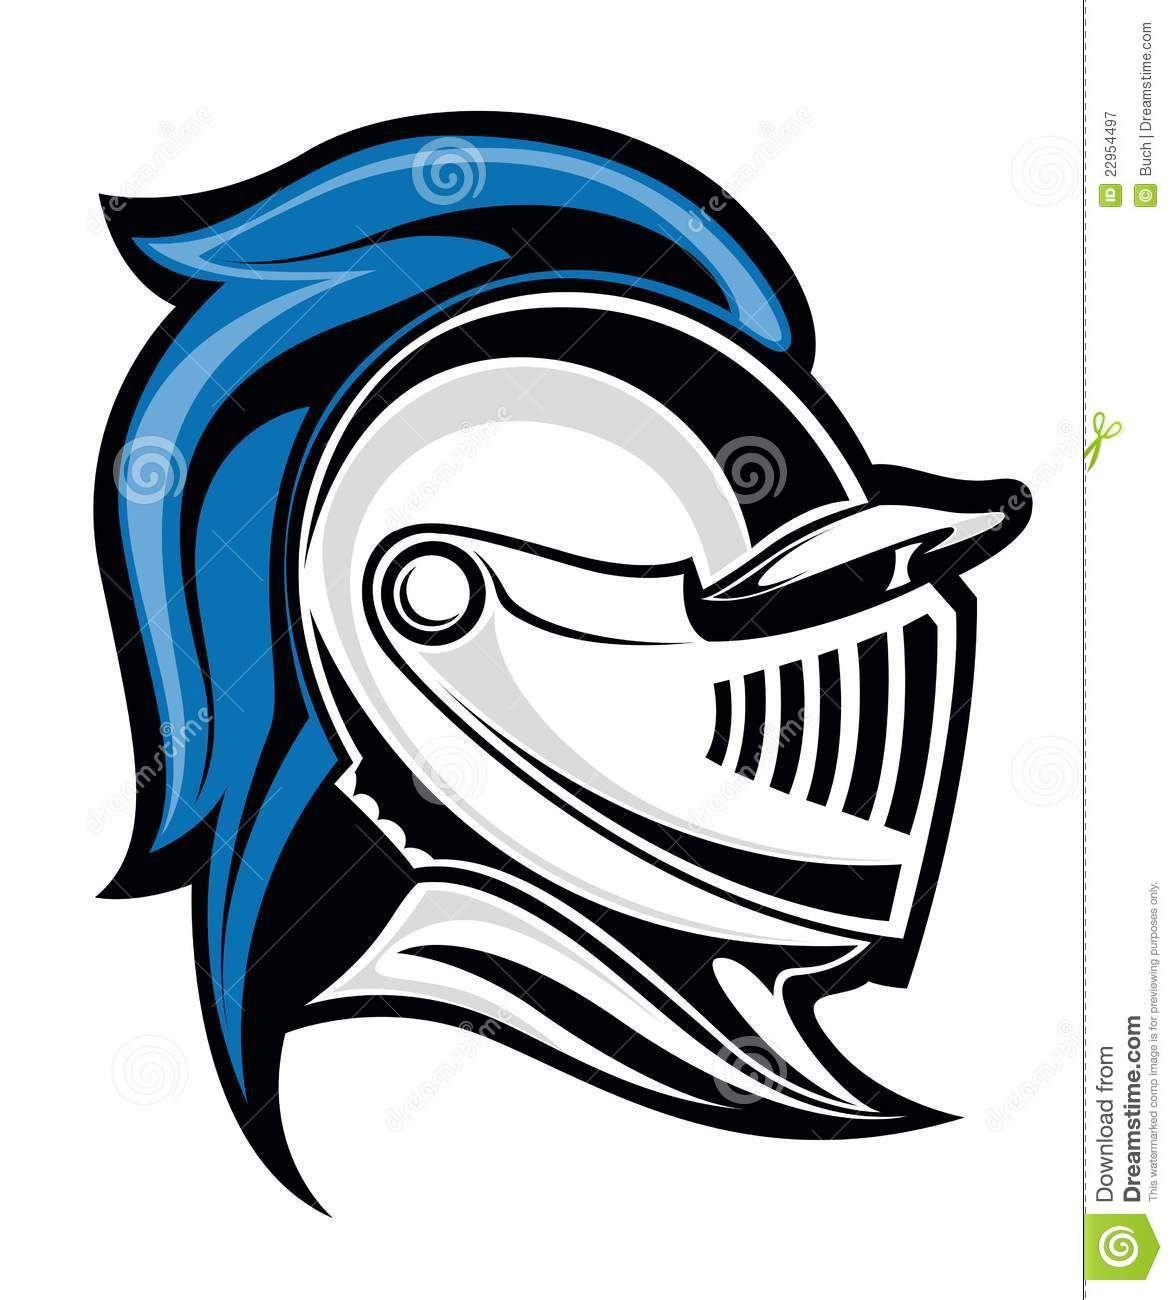 medieval helmet clip art logos tattoos symbols etc rh pinterest com Golden Knights Logo Knight Helmet Logo